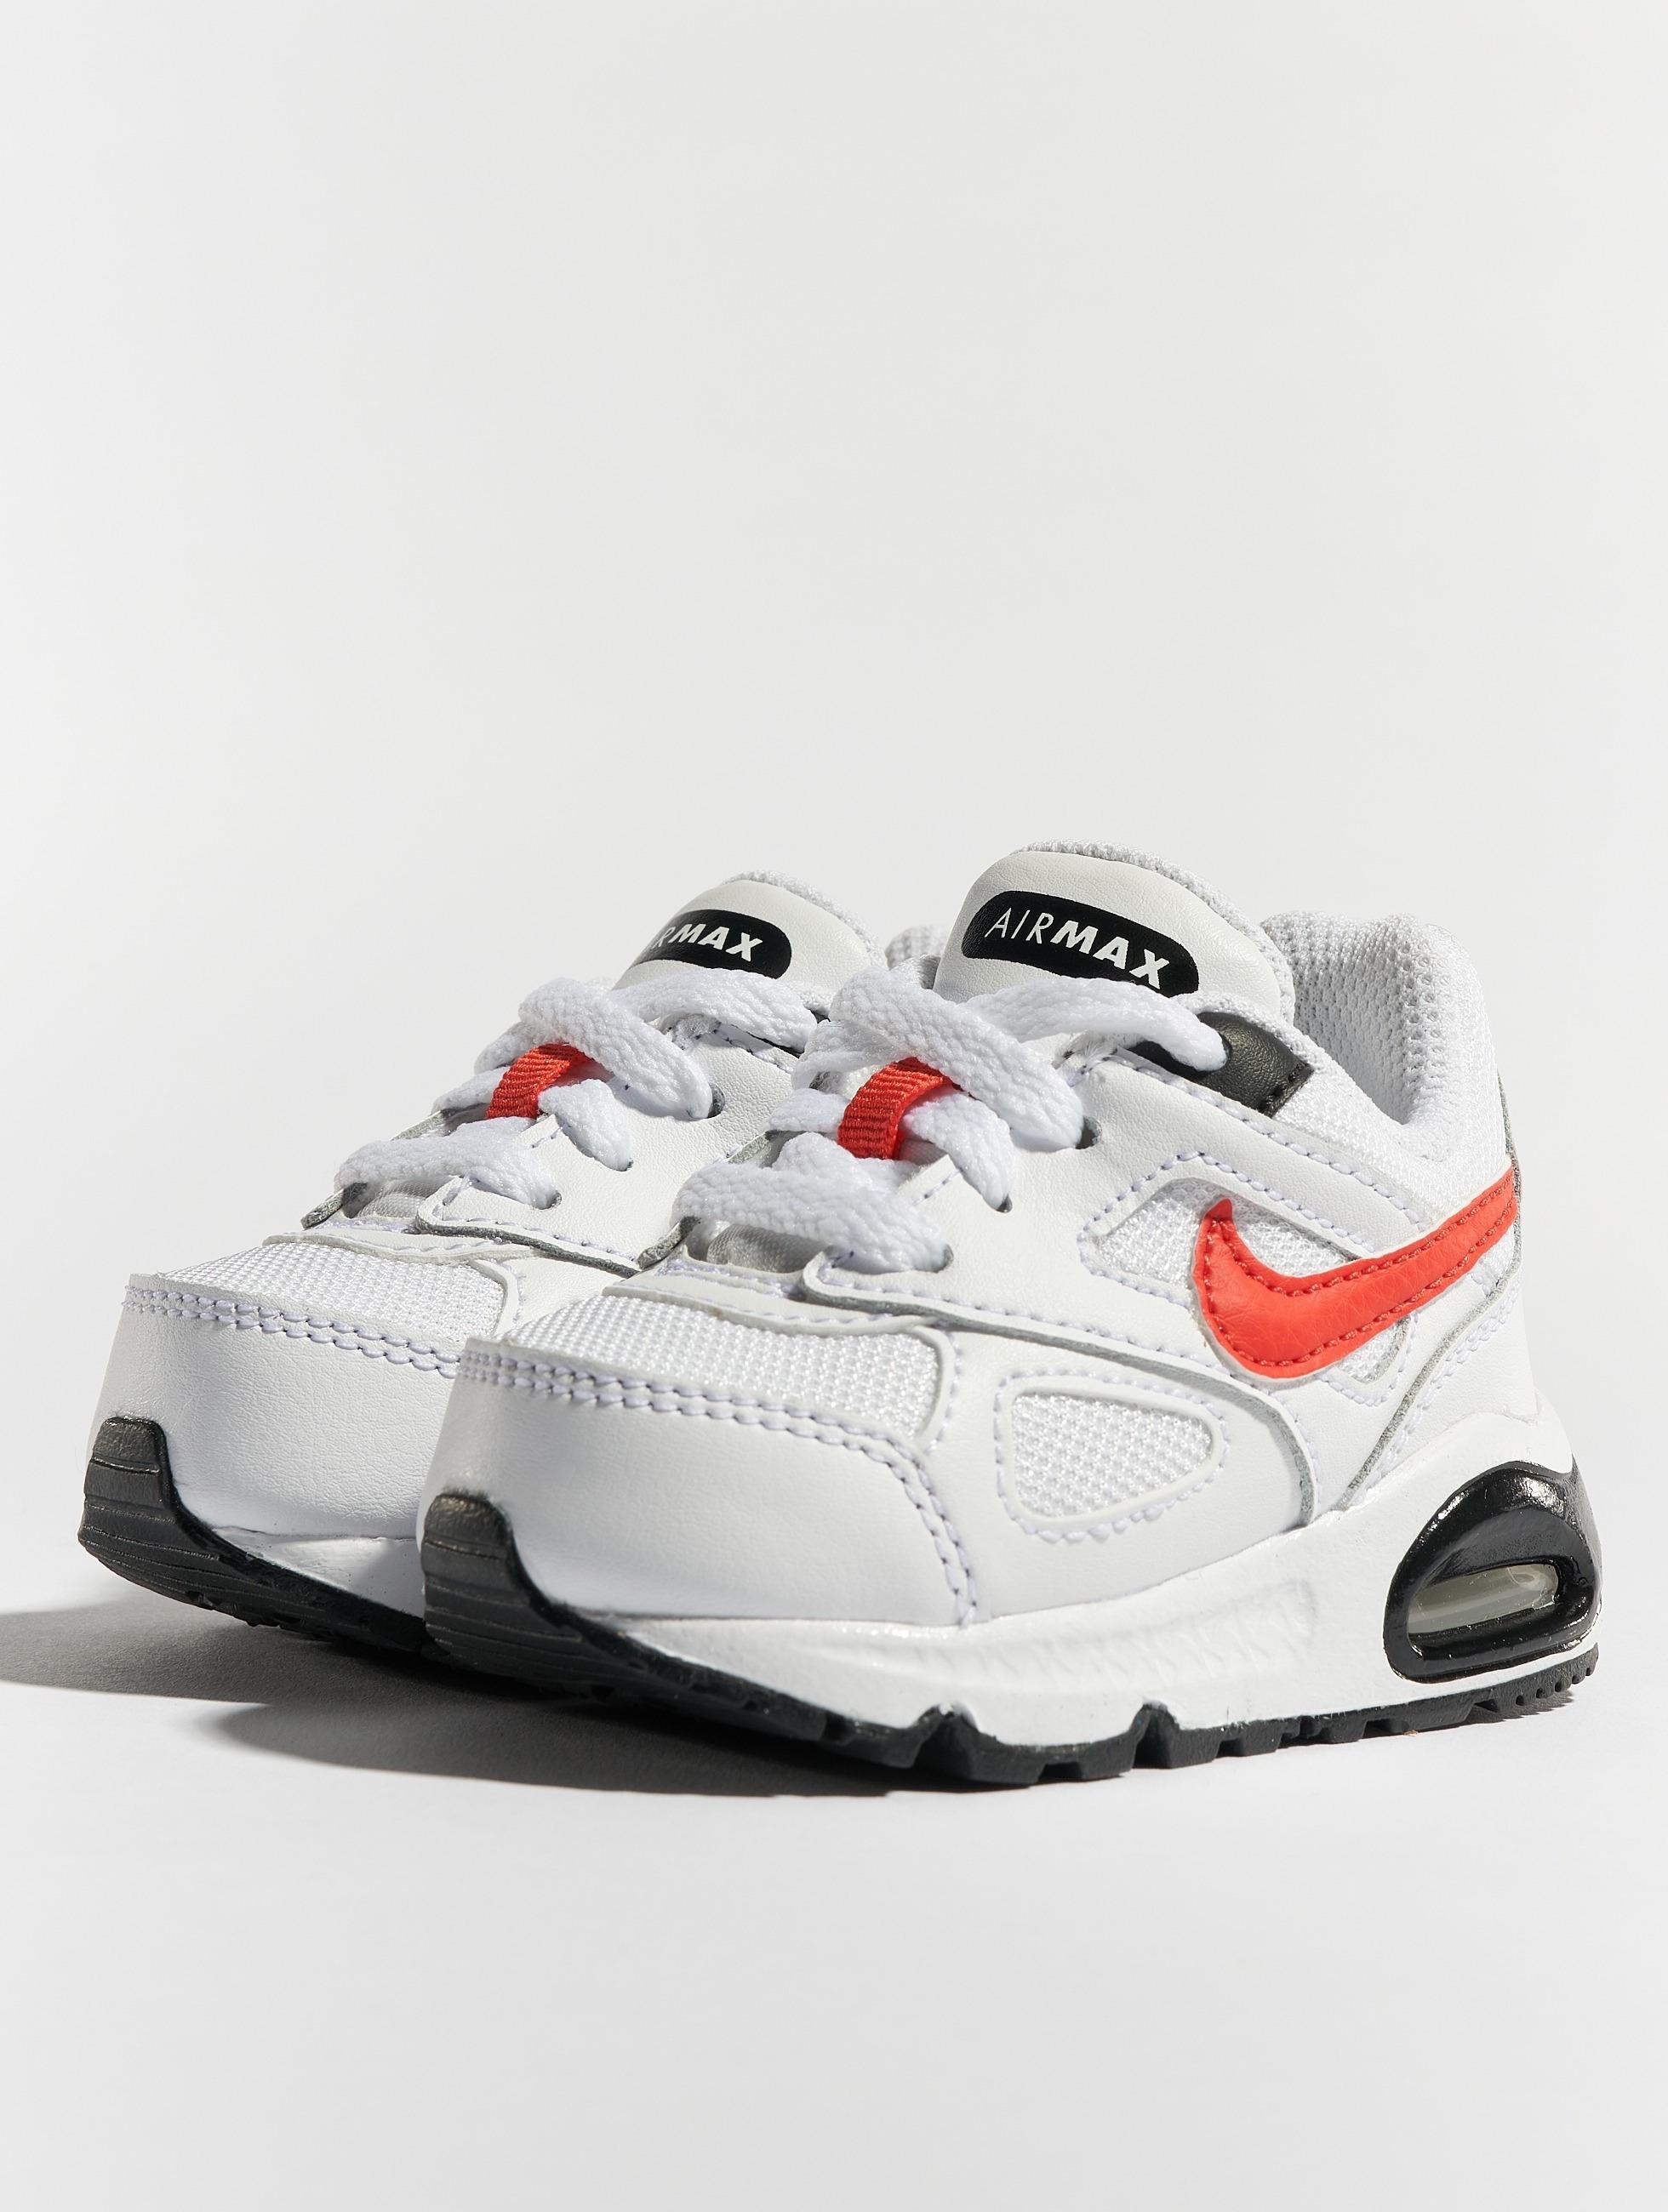 59effcd9299 Nike schoen / sneaker Air Max IVO in wit 545083